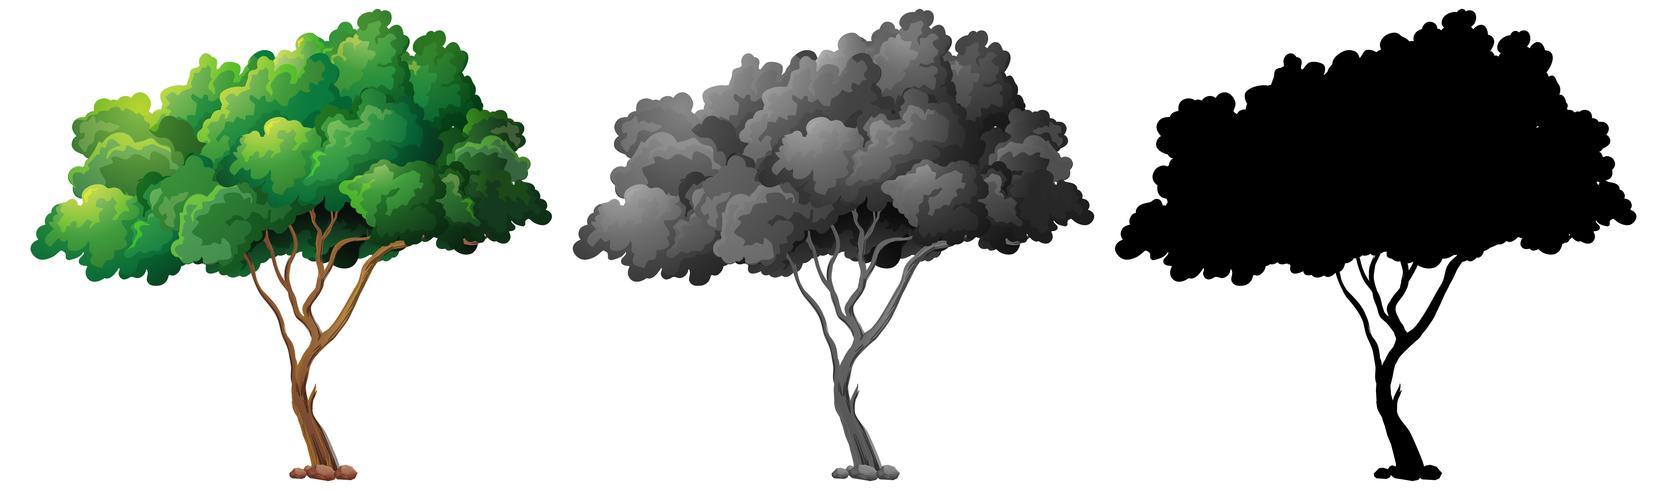 Ensemble de conception d'arbre vecteur